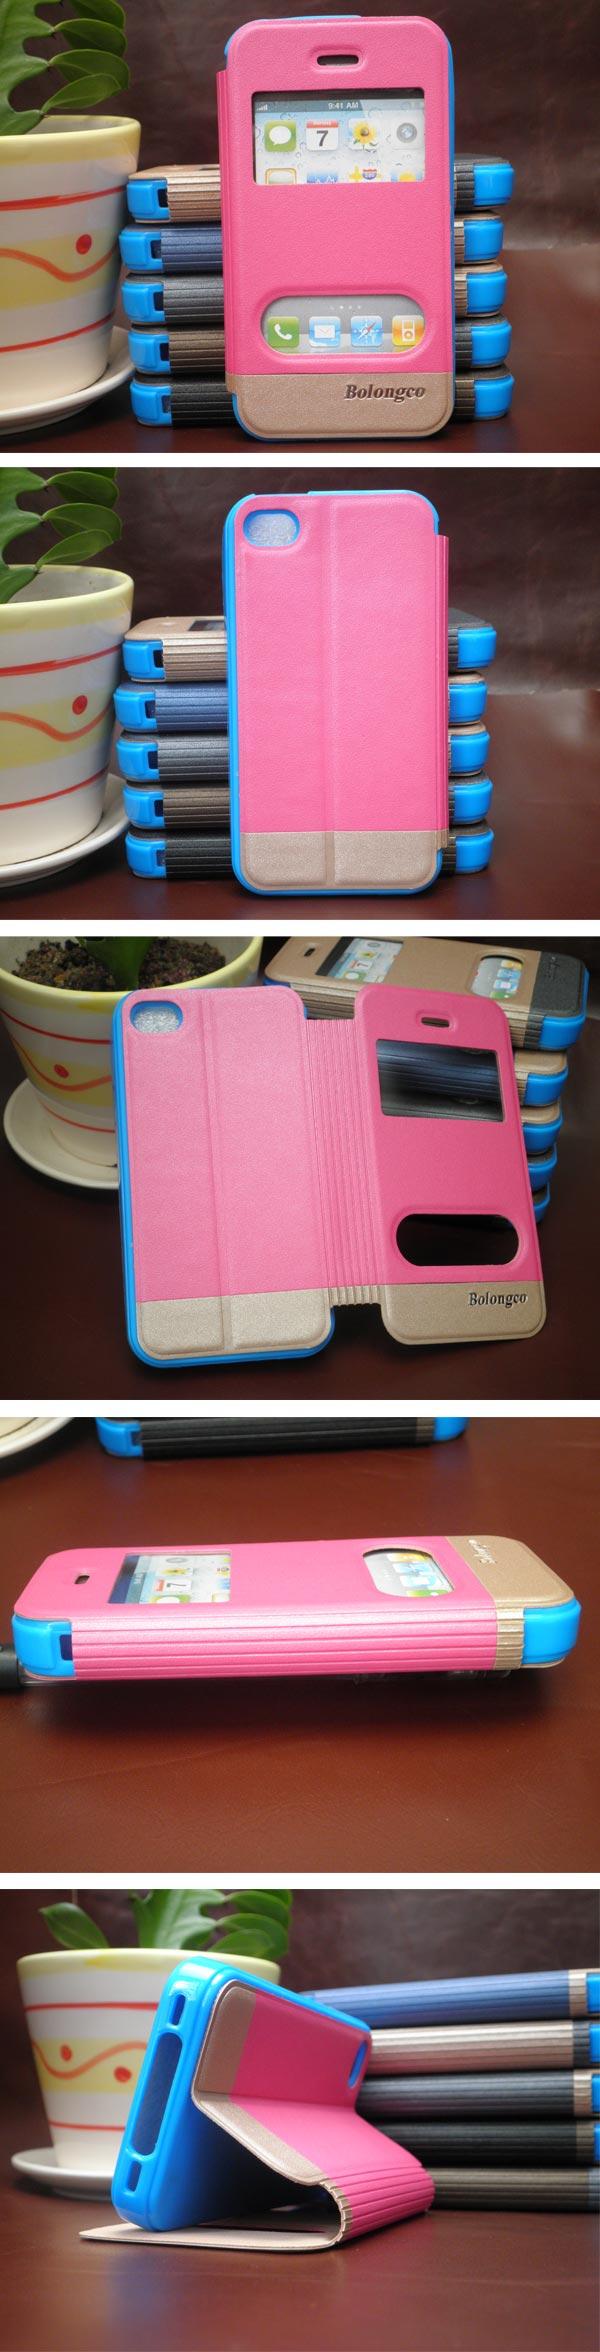 Mais novo caso de proteção para o iphone 4 5 6 plus com janelas feitas à mão telefone celular accerries para caixa do telefone móvel iphone